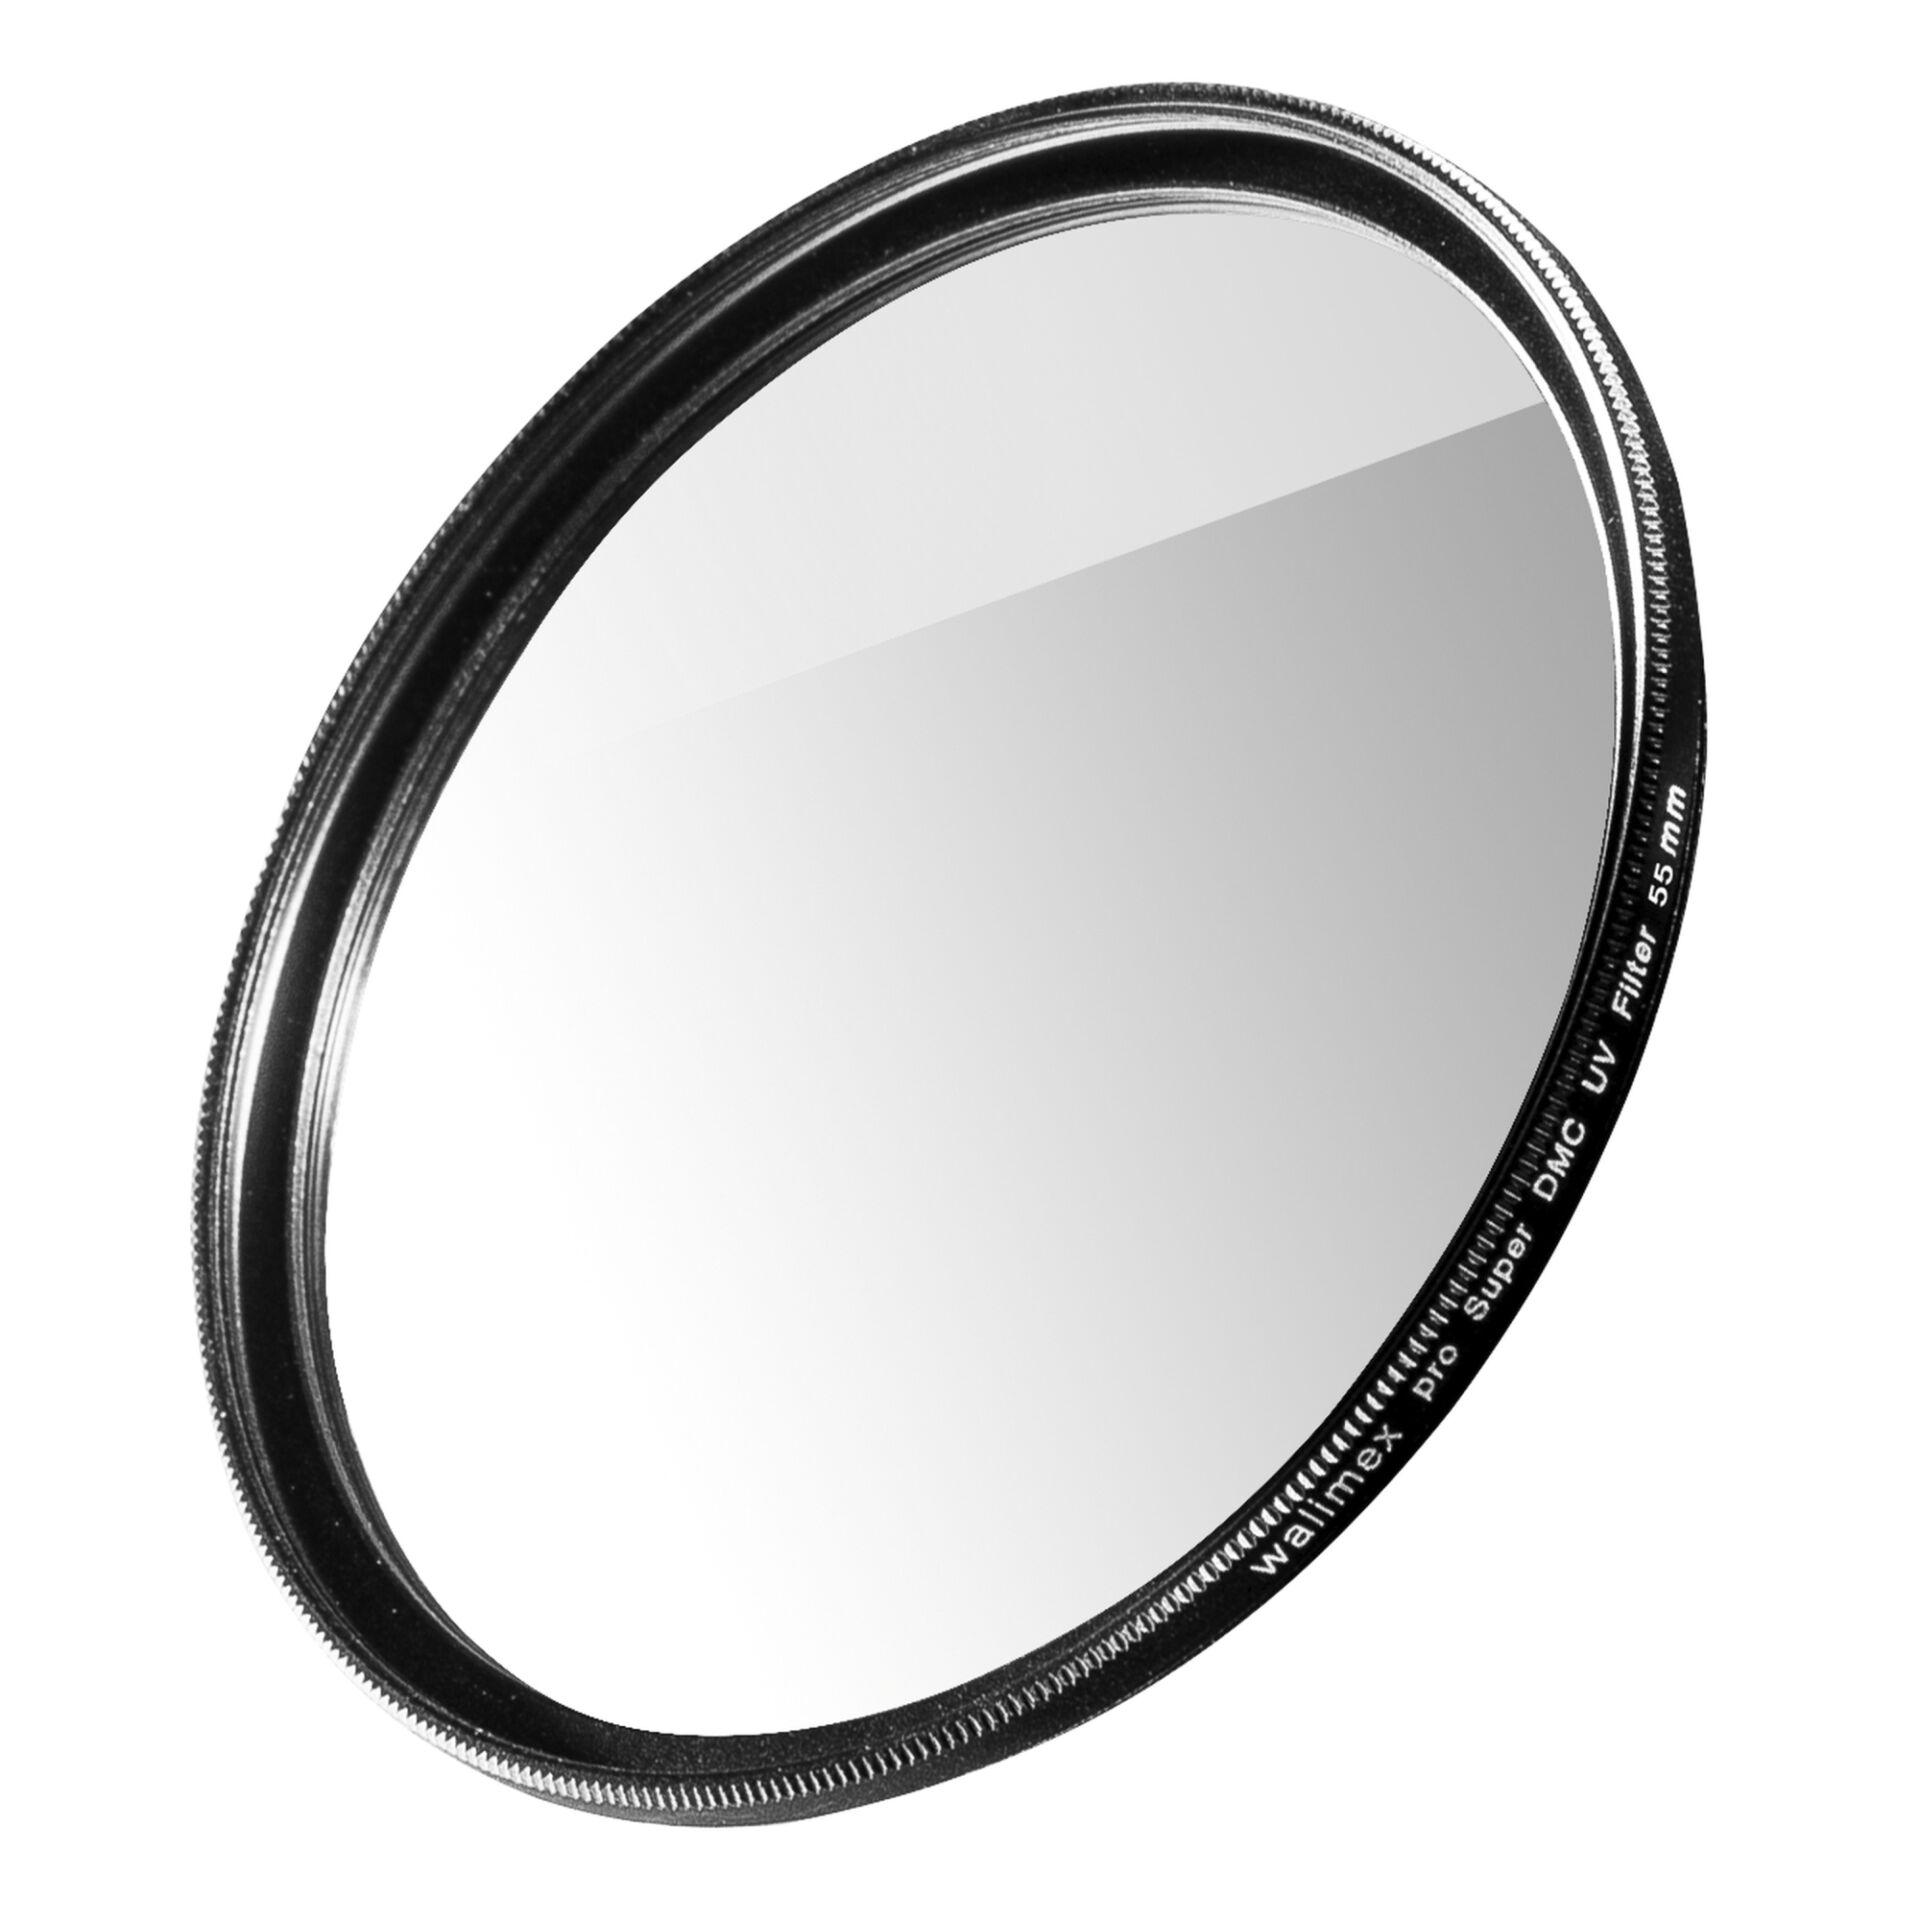 Walimex Pro UV Slim Super DMC 55mm